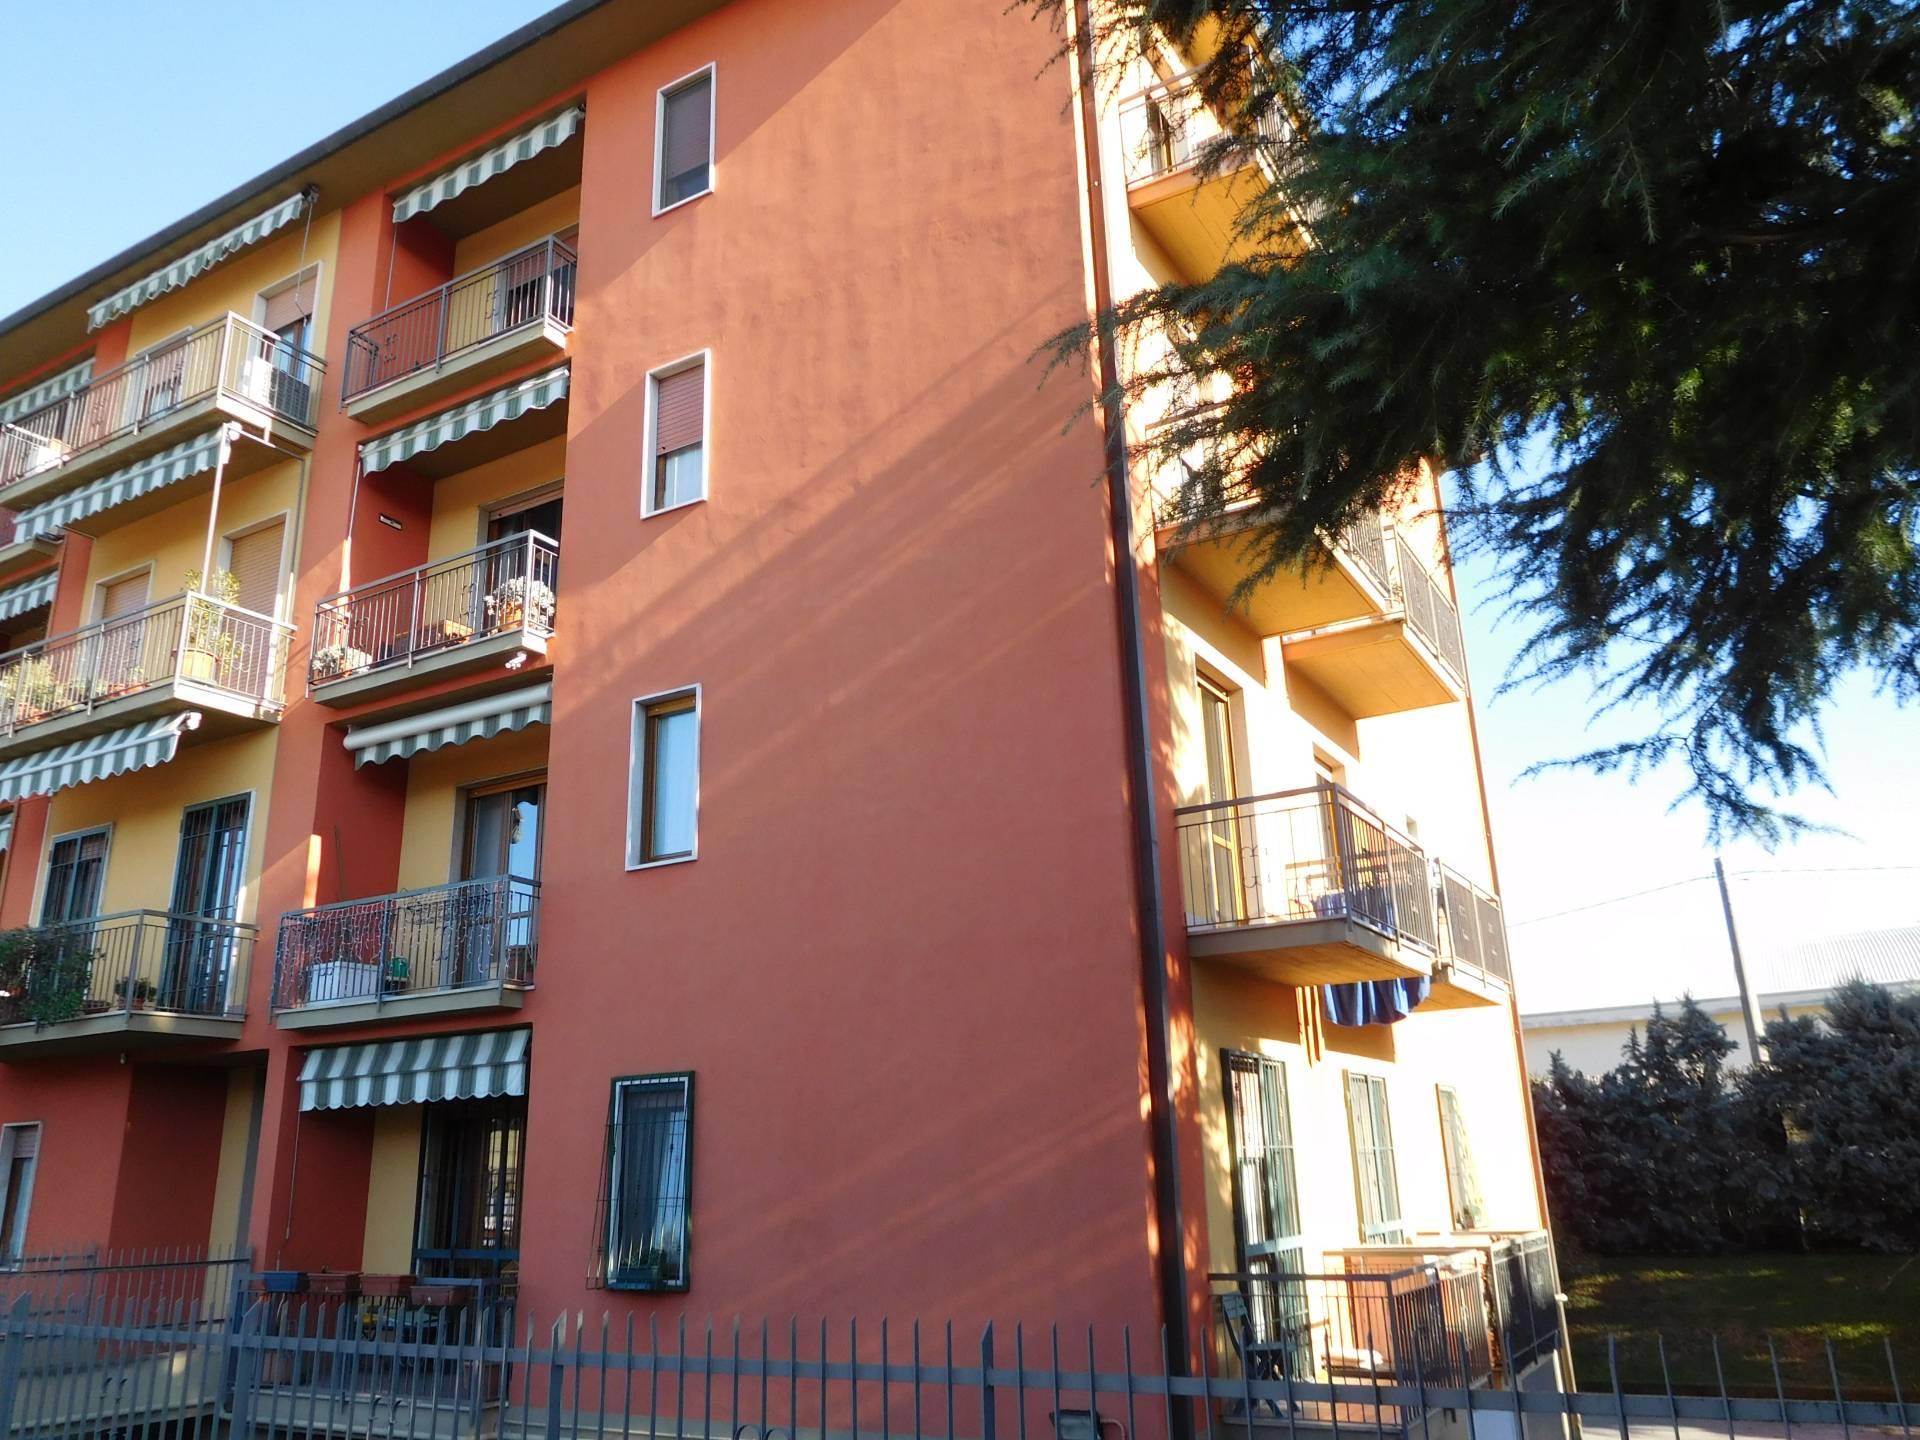 Appartamento in vendita a Seriate, 4 locali, prezzo € 135.000 | PortaleAgenzieImmobiliari.it